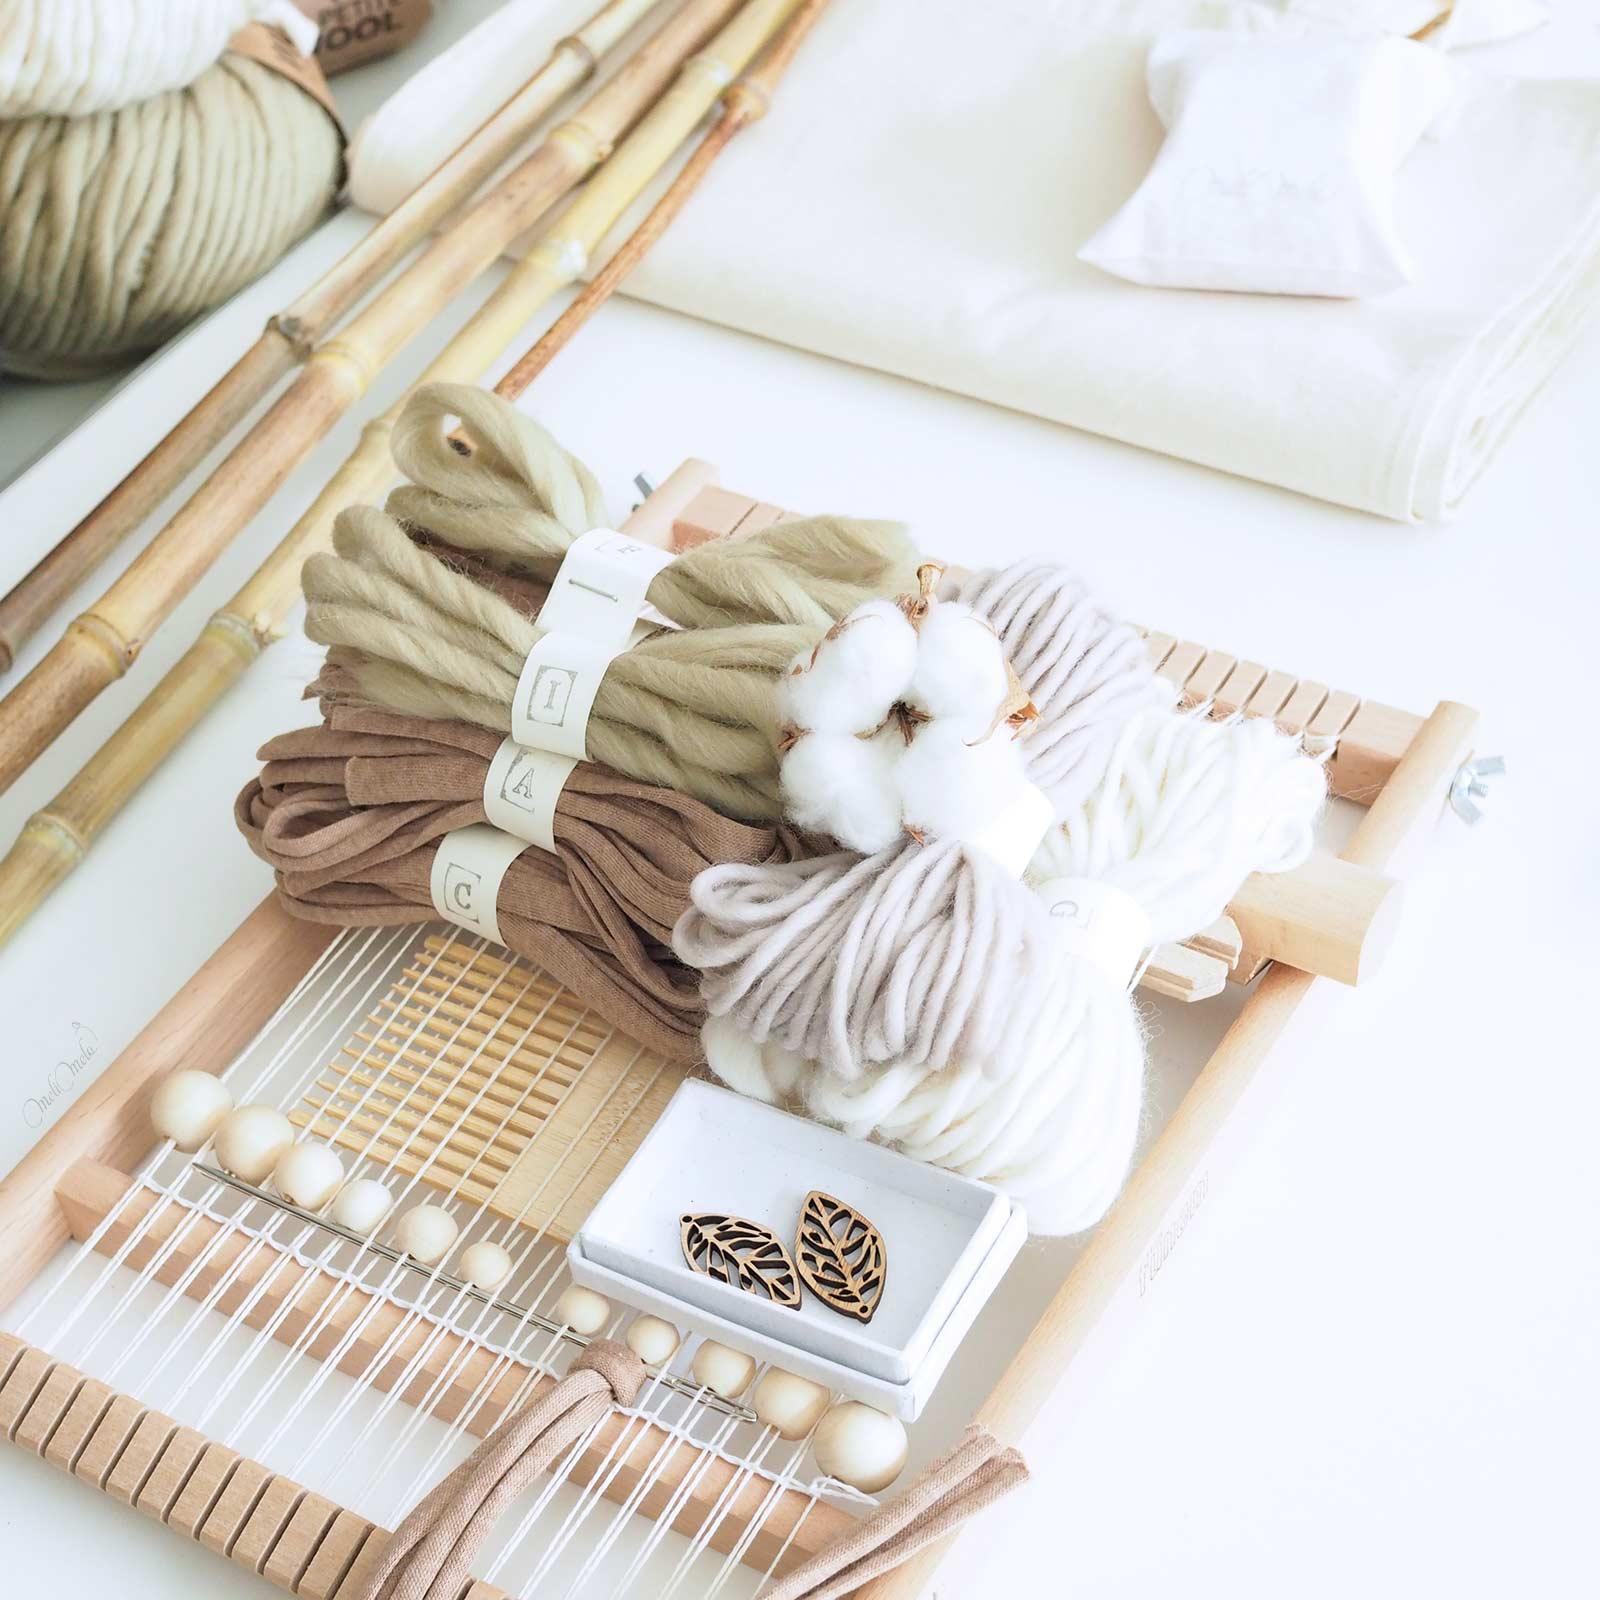 kit de tissage vert-gris modèle DIY Fleur de coton feuilles laboutiquedemelimelo